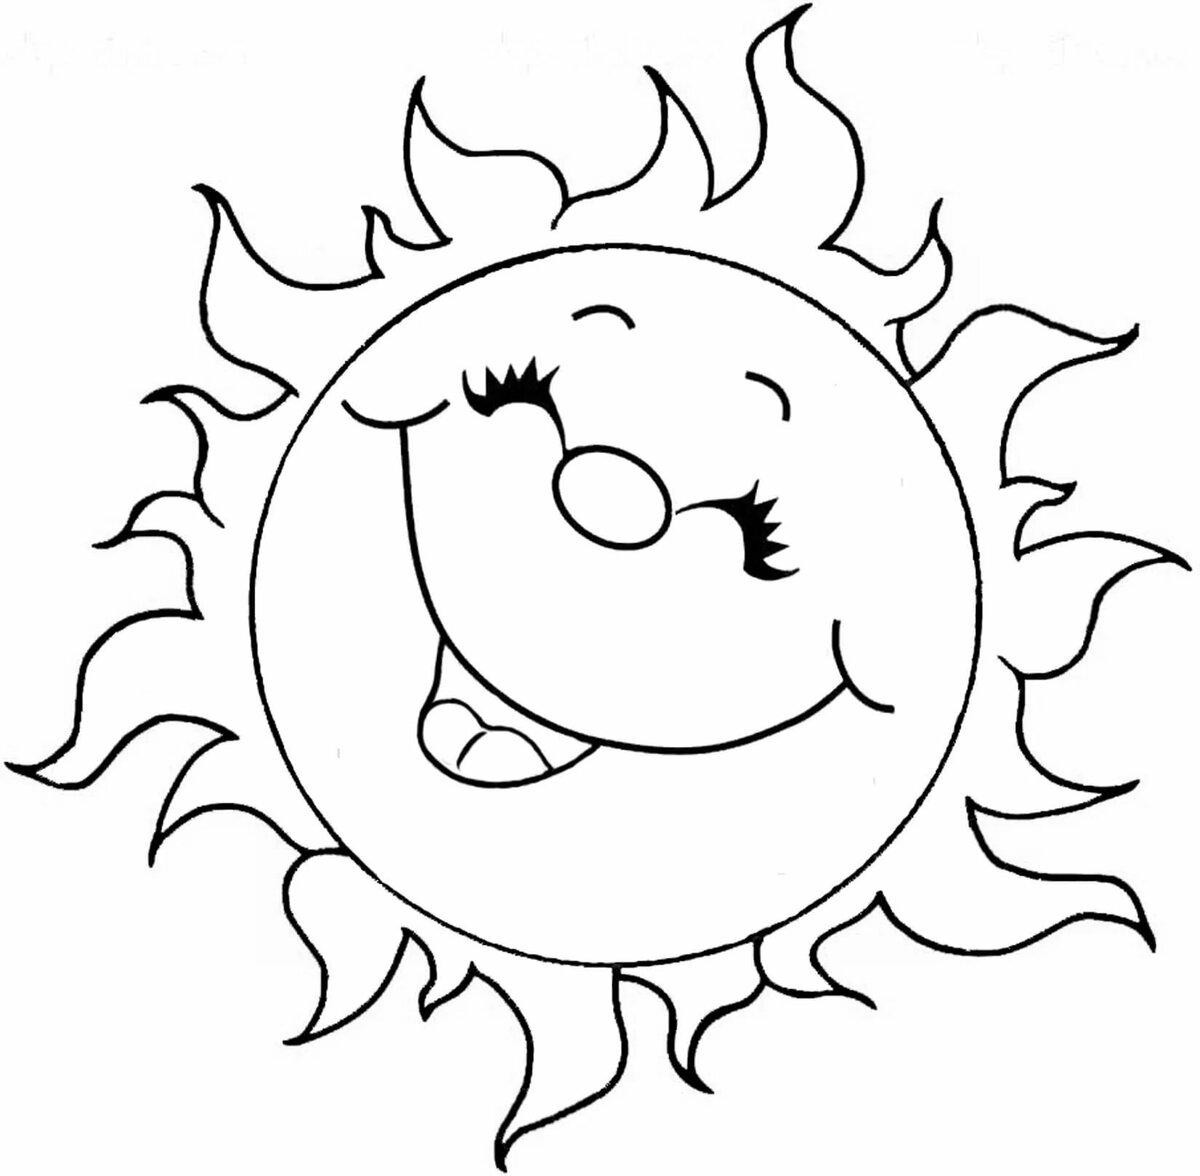 картинка для раскрашивания солнце статья медитации людей